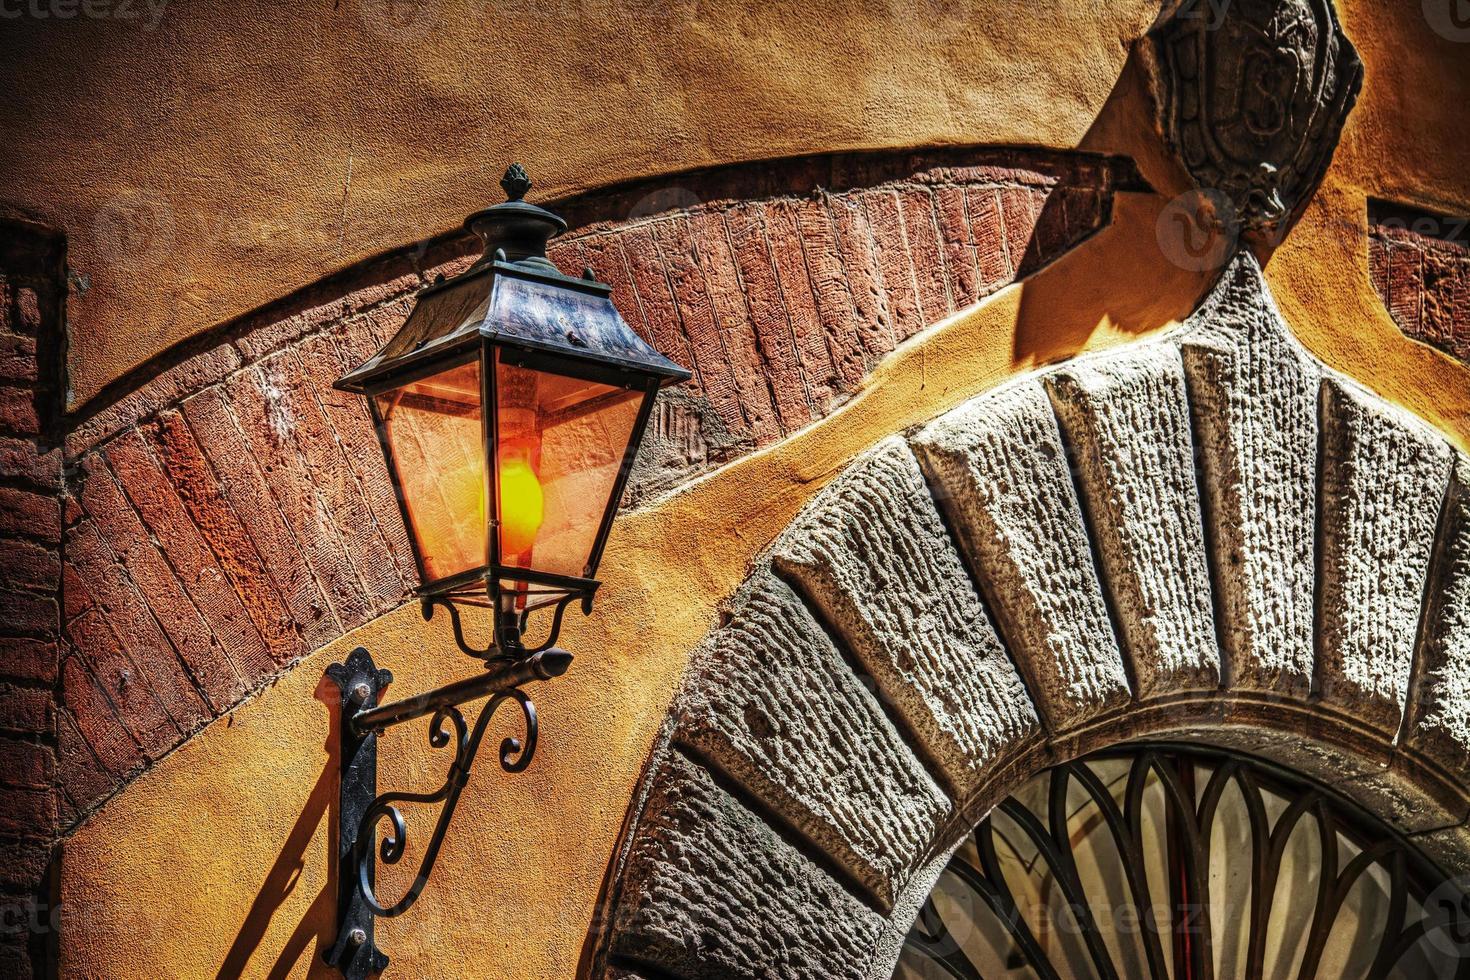 luce rustica in un tipico ingresso italiano foto